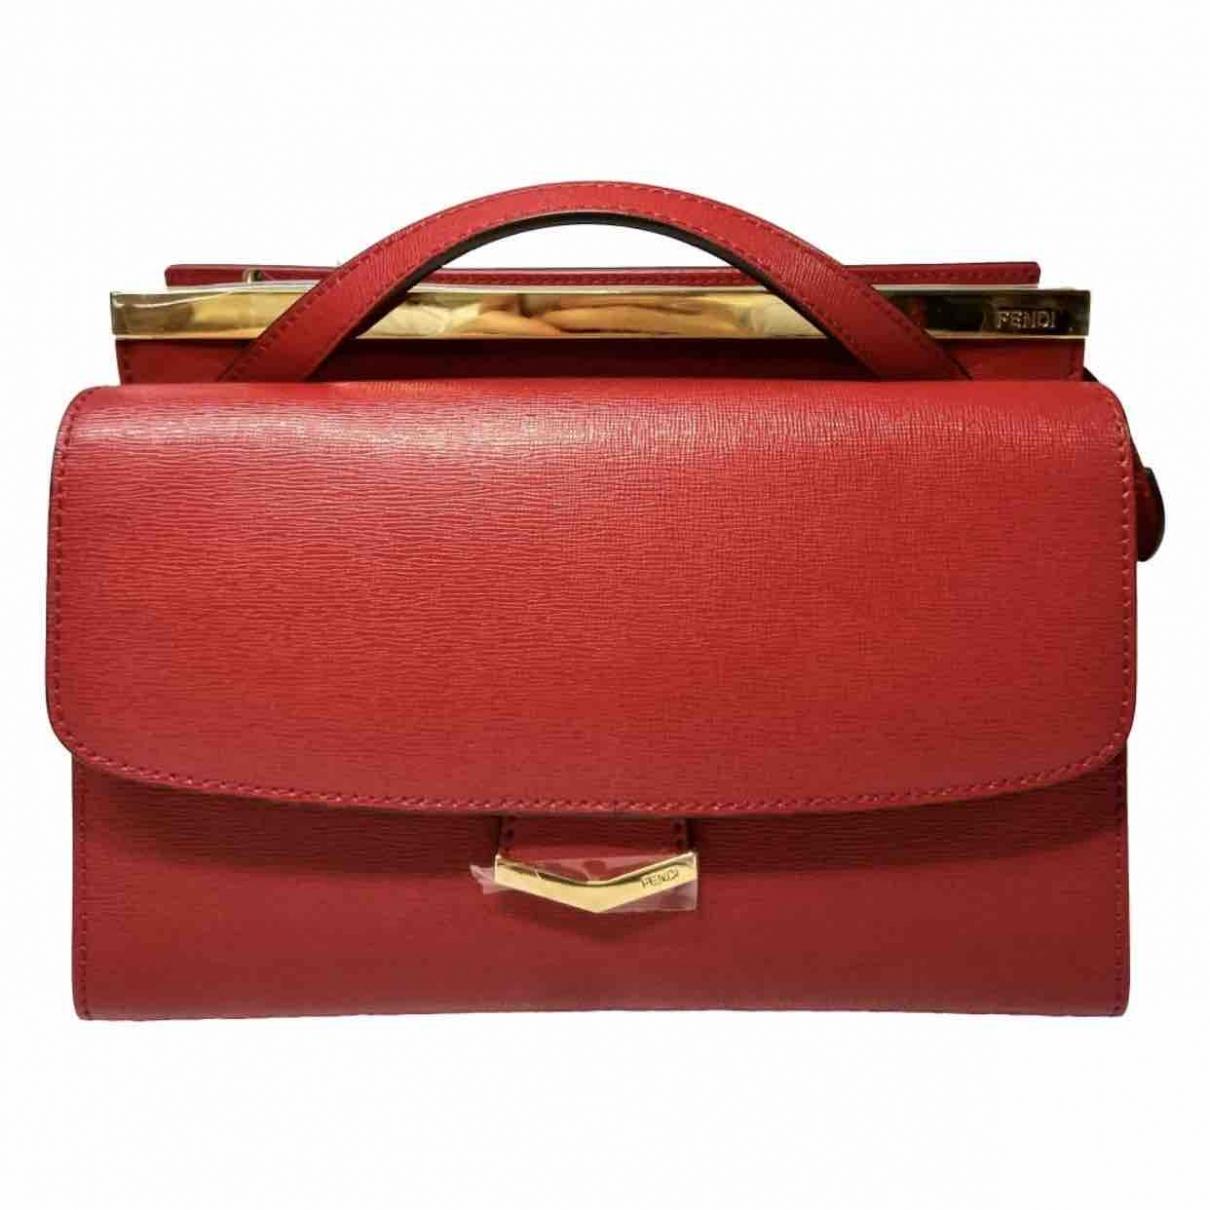 Fendi \N Red Leather handbag for Women \N